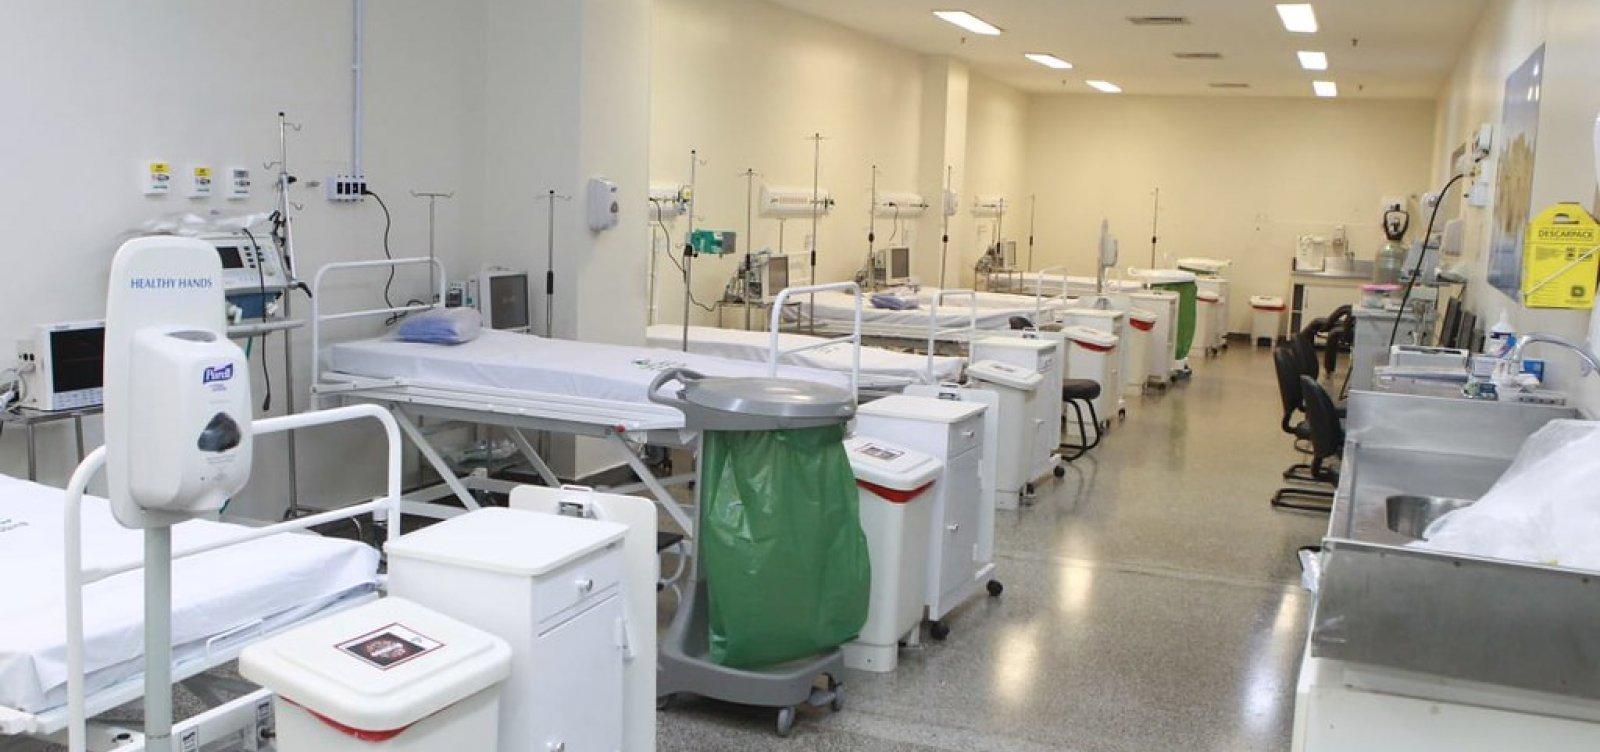 [Covid-19: média de mortes diárias é maior que 1 mil no Brasil]